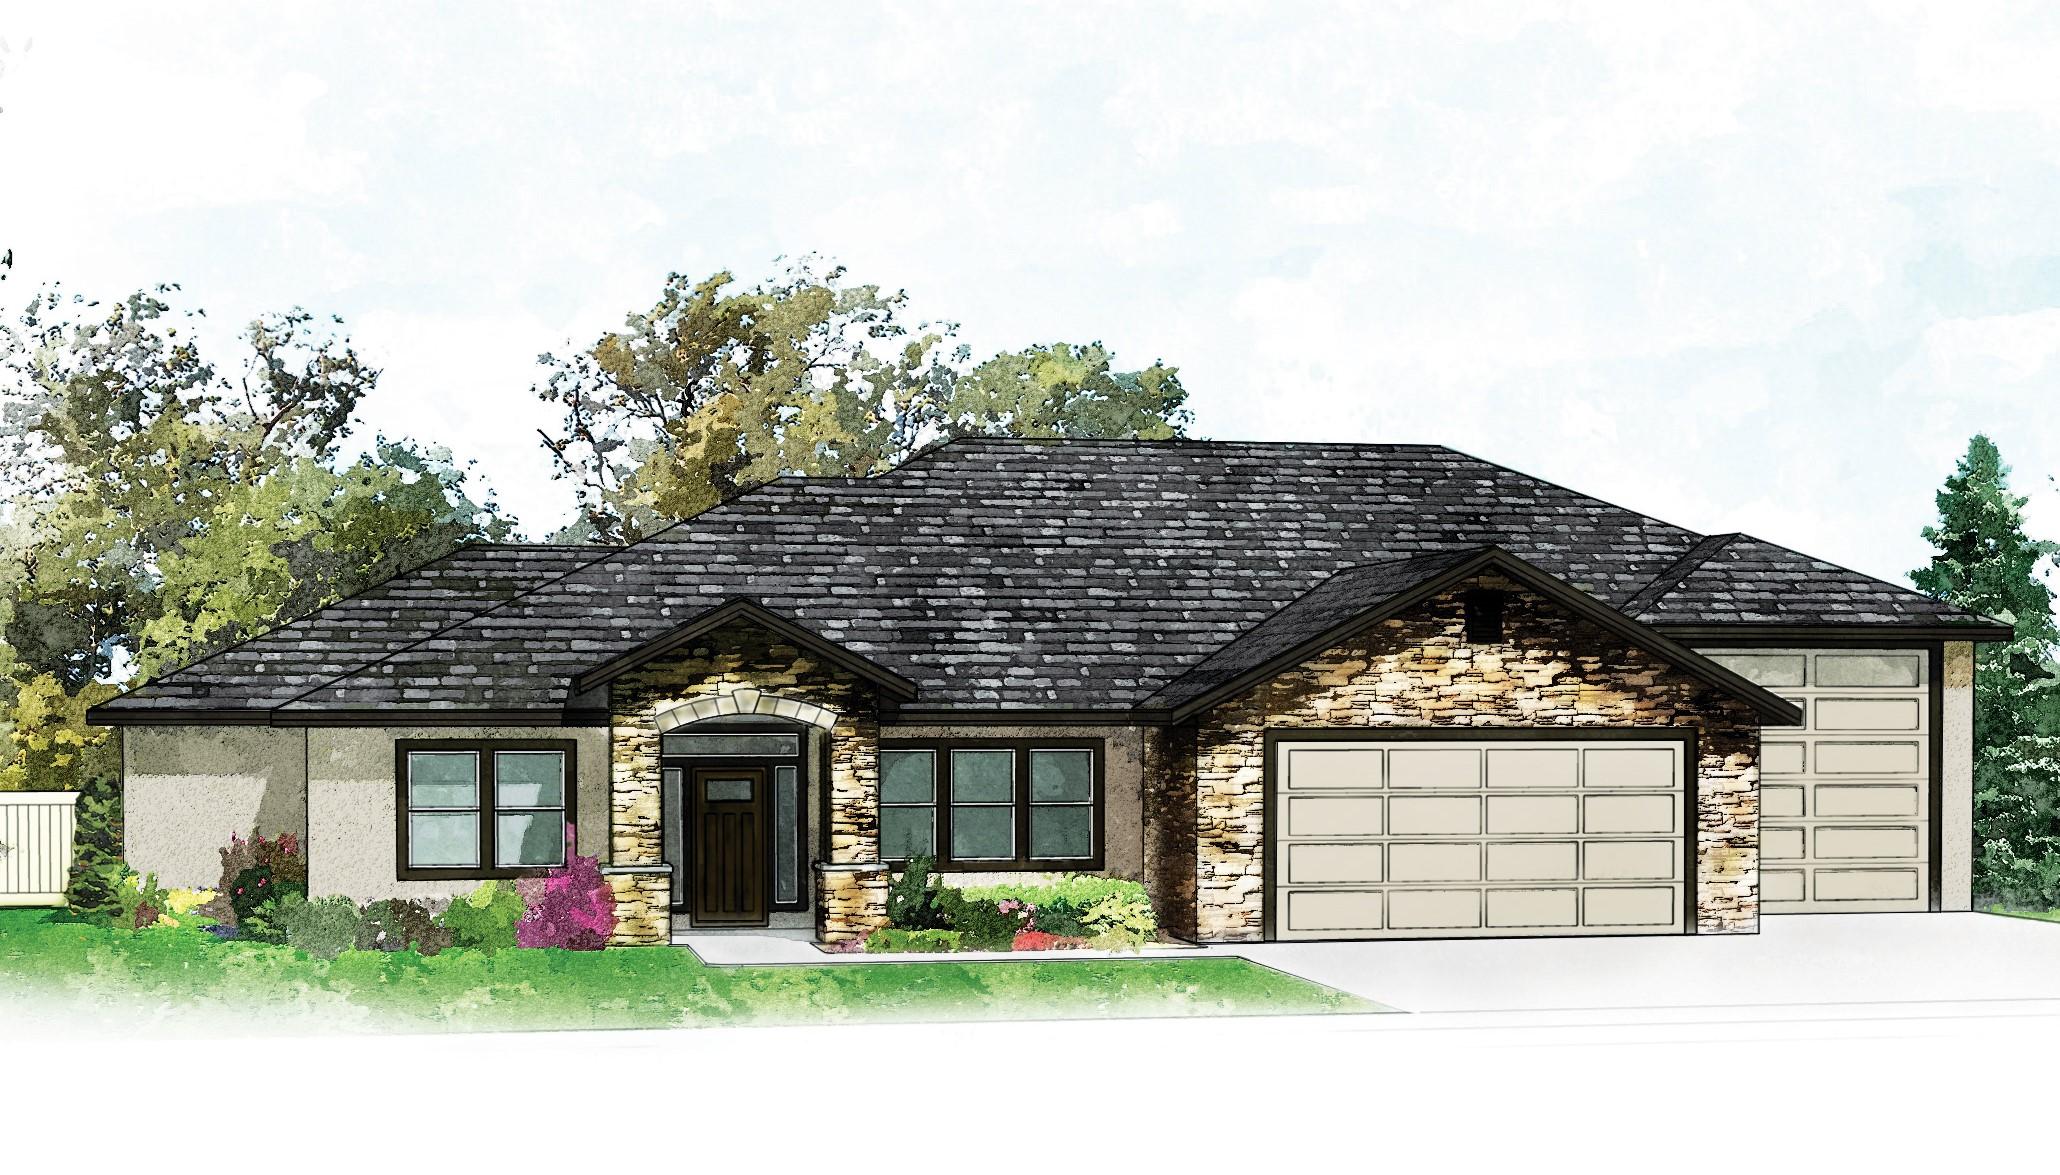 獨棟家庭住宅 為 出售 在 2696 Afleet Avenue, Meridian 2696 S Afleet Ave Meridian, 愛達荷州, 83709 美國